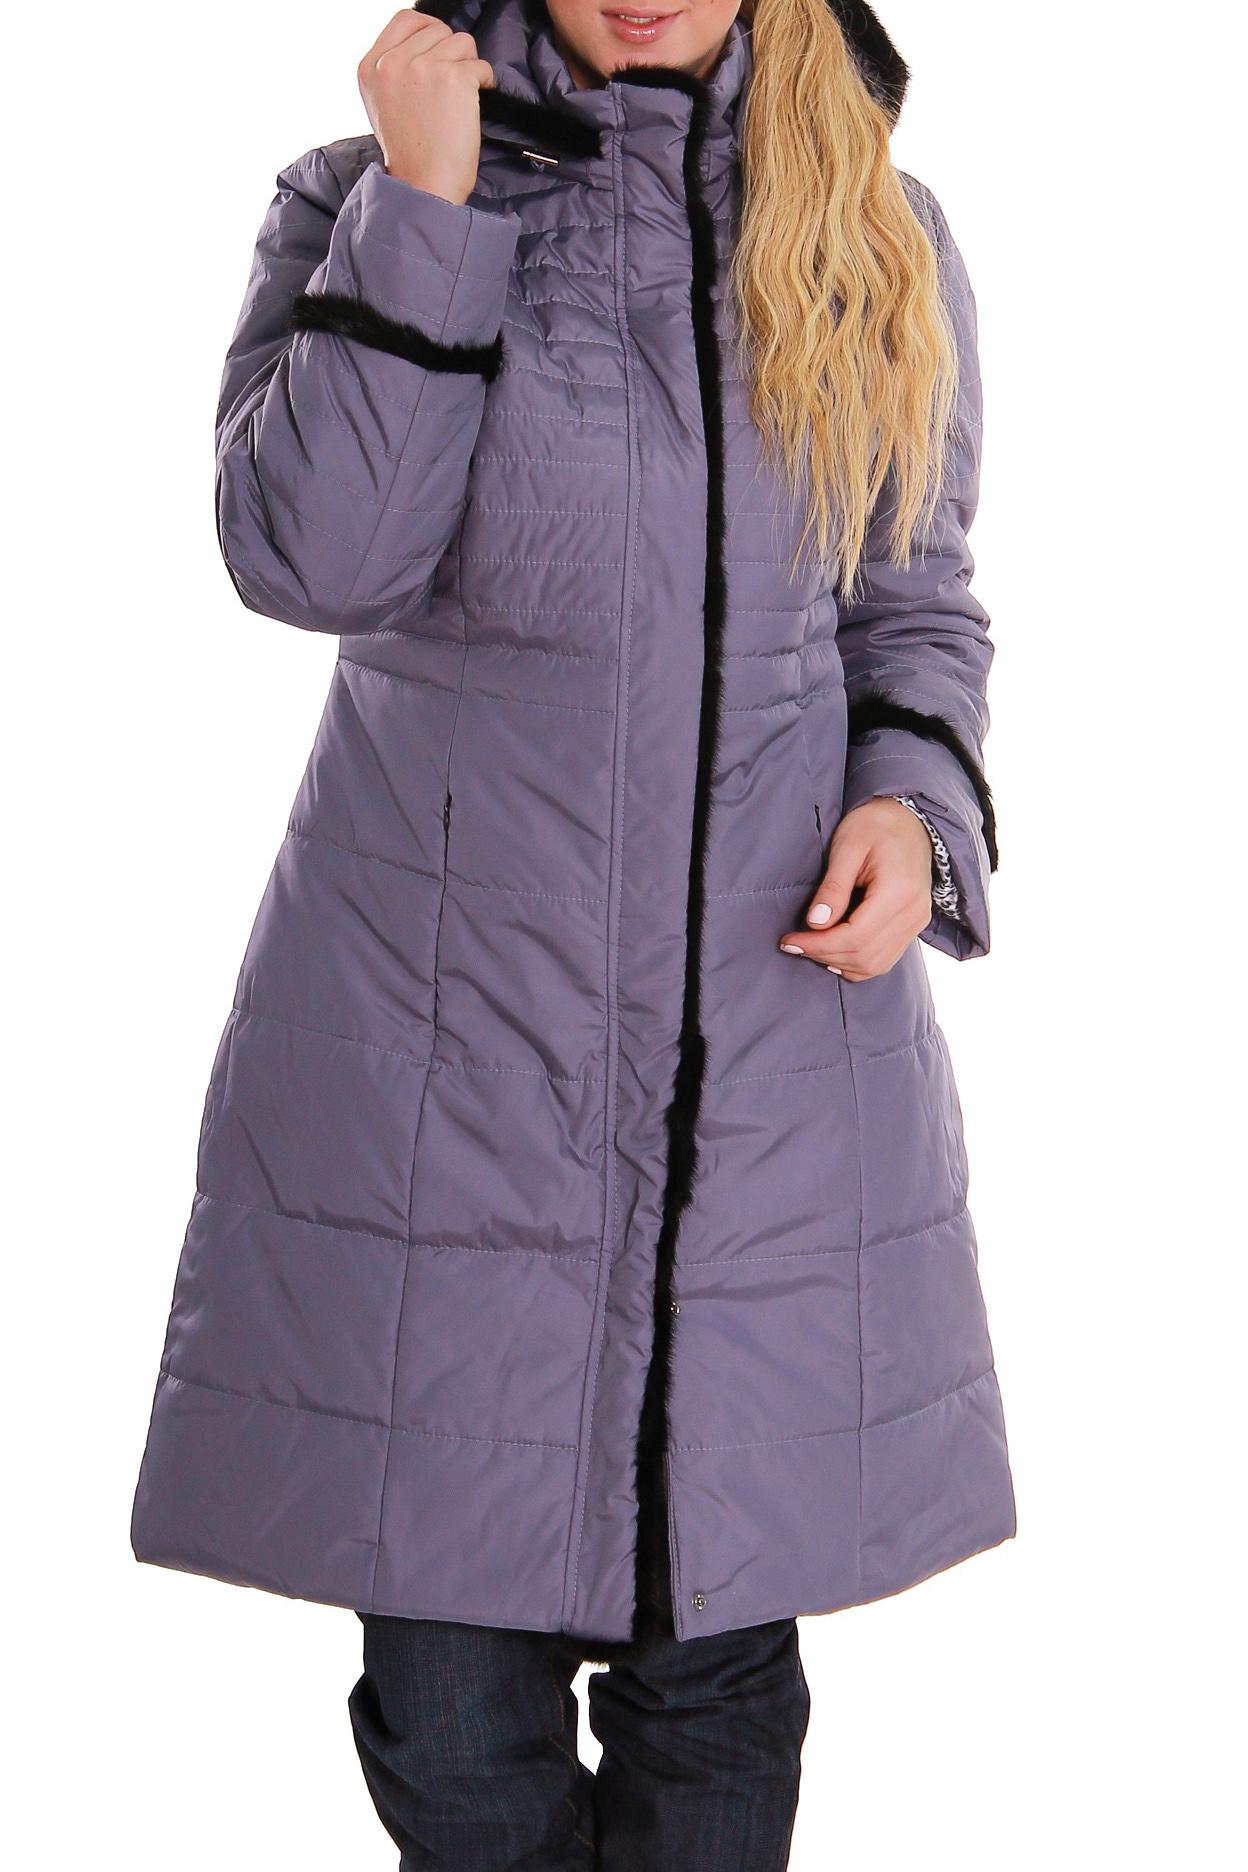 ПальтоКуртки<br>Зимнее пальто полуприталенного силуэта, длинной до колена, с карманами, застежка на молнию. Модель с контрастной отделкой из меха. Ростовка изделия 170 см.  В изделии использованы цвета: сиреневый, черный  Рост девушки-фотомодели 170 см<br><br>Воротник: Стойка<br>Застежка: С молнией<br>По длине: Средней длины<br>По материалу: Тканевые<br>По образу: Город<br>По рисунку: Однотонные<br>По силуэту: Полуприталенные<br>По стилю: Повседневный стиль<br>По элементам: С декором,С карманами<br>Рукав: Длинный рукав<br>По сезону: Зима<br>Размер : 46<br>Материал: Болонья<br>Количество в наличии: 1